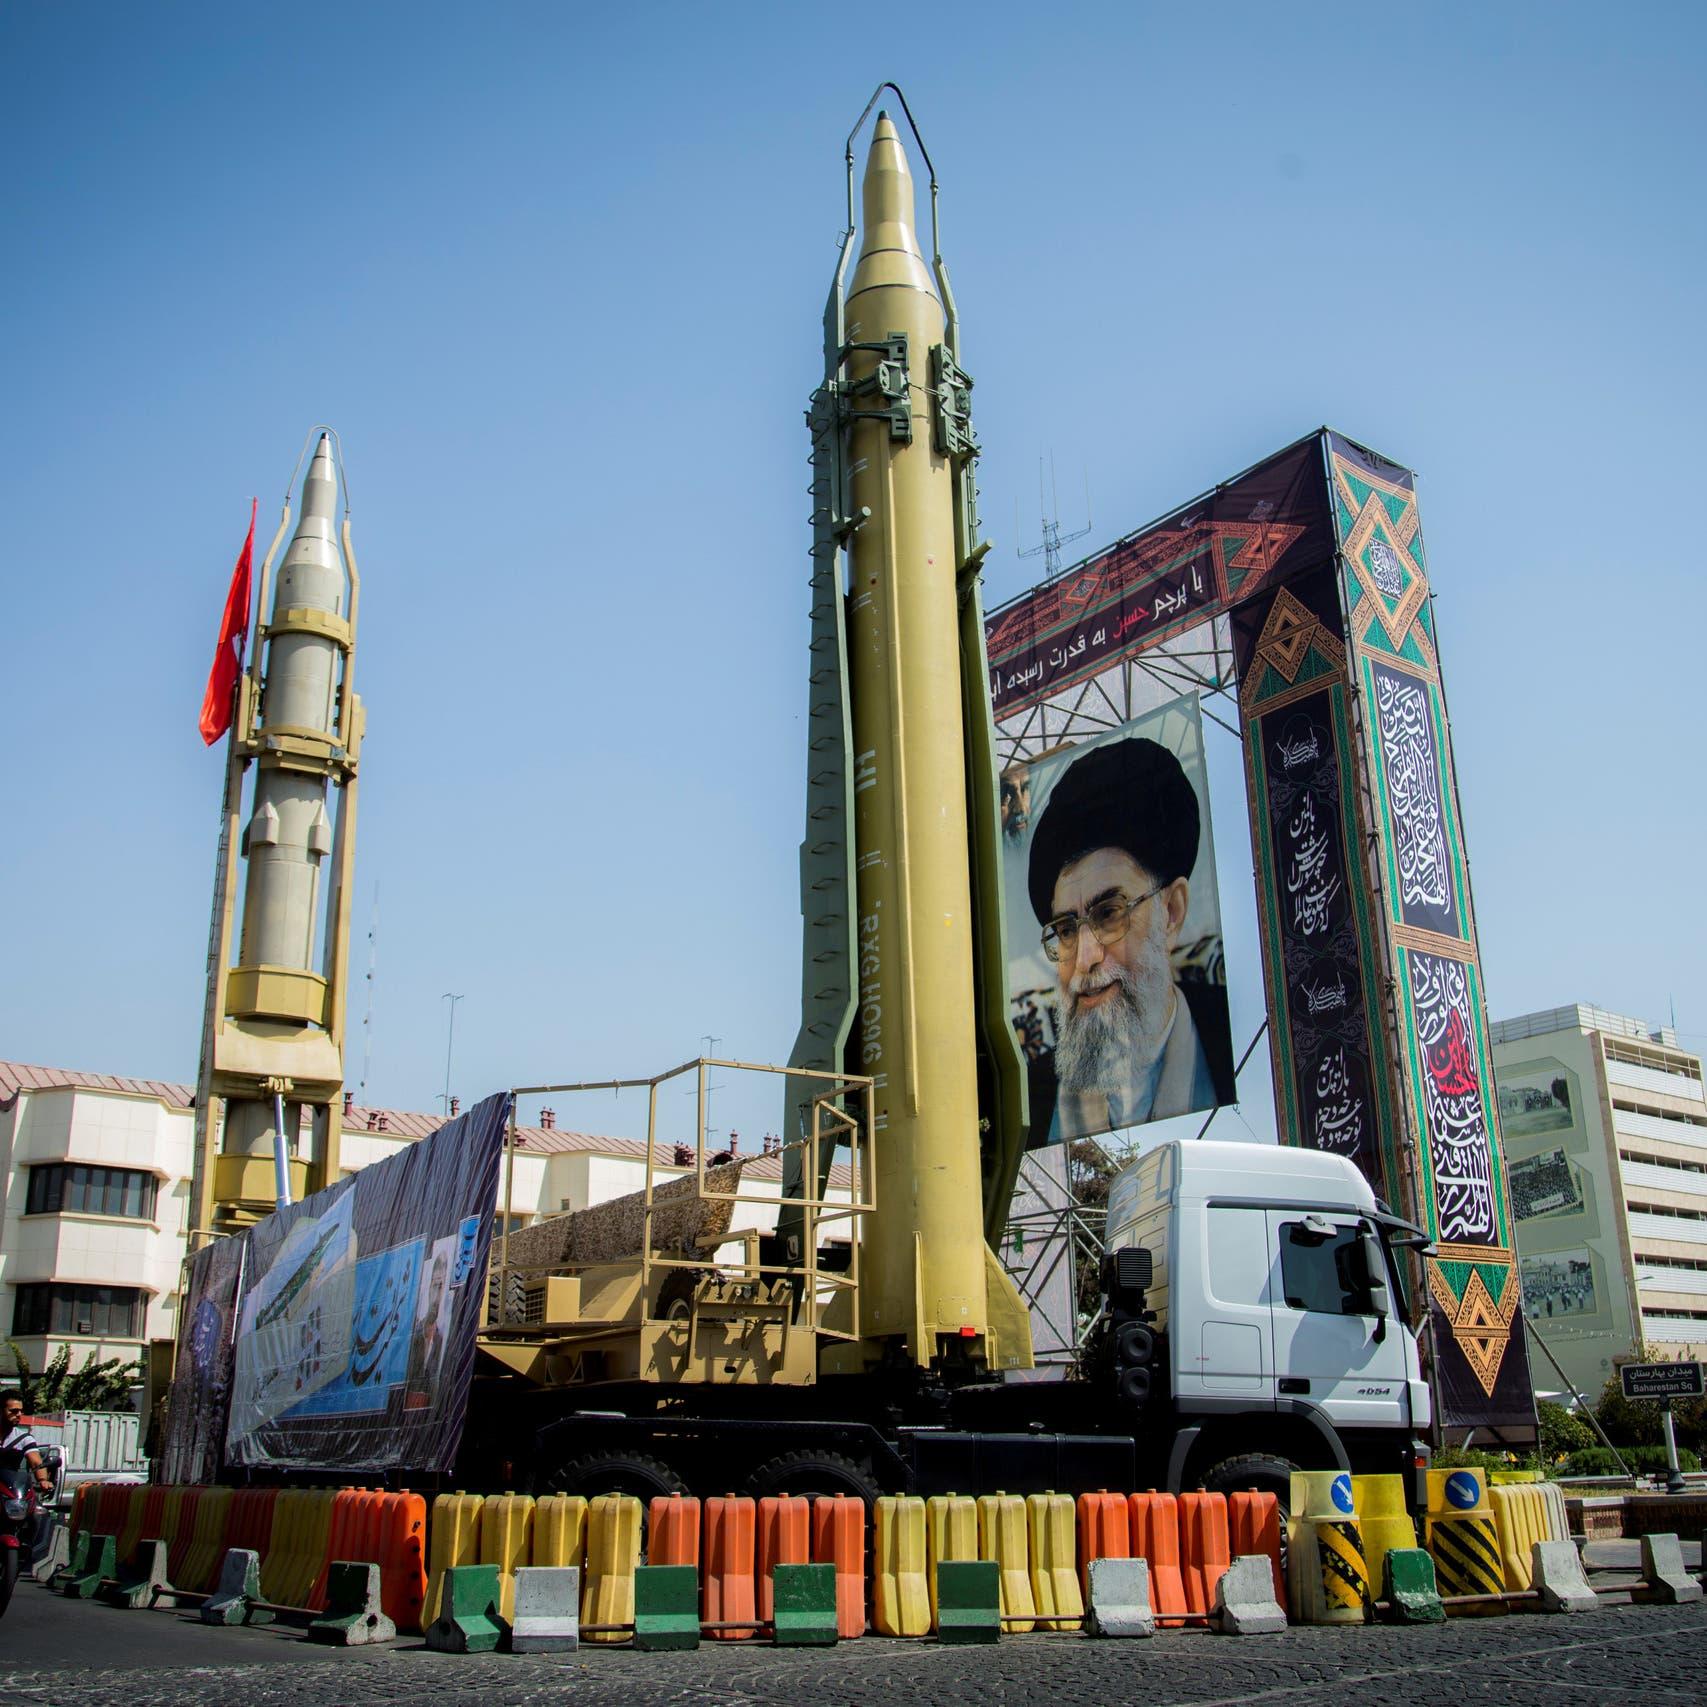 إيران تلوح بالوكلاء: ثأرنا لسليماني قد يأتي من الخارج